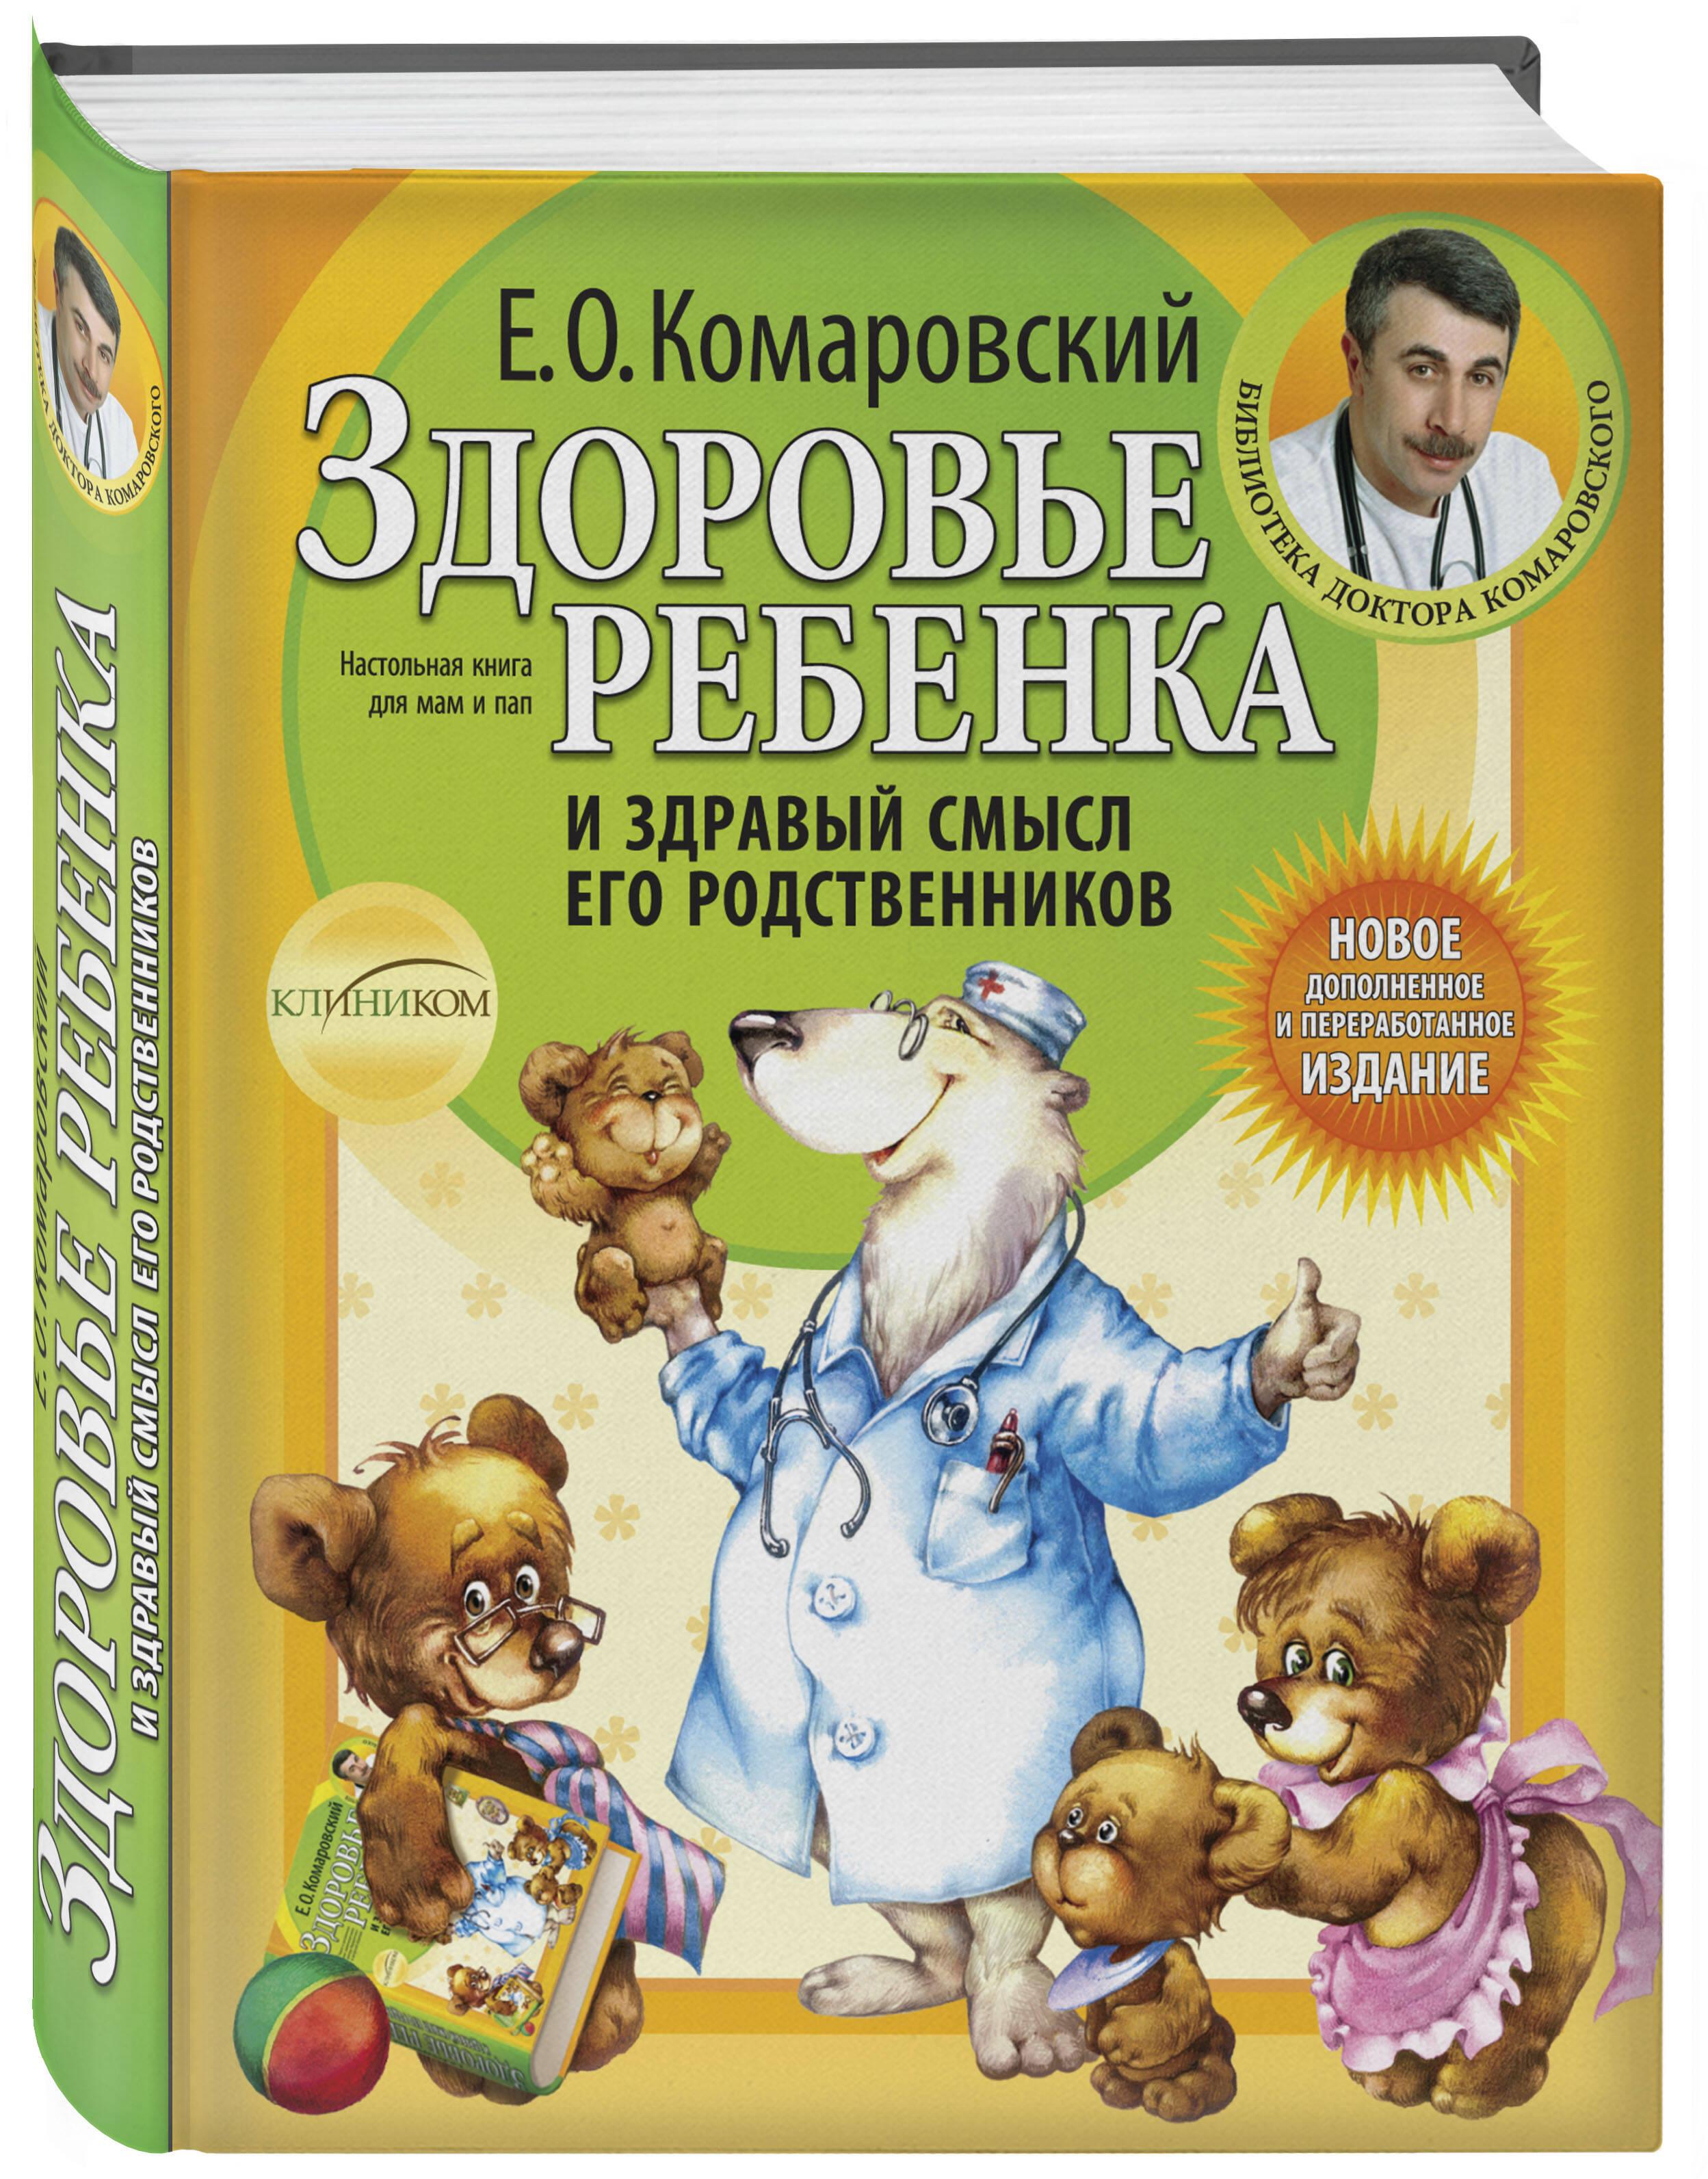 Здоровье ребенка и здравый смысл его родственников. 2-е изд., перераб. и доп. ( Комаровский Е.О.  )